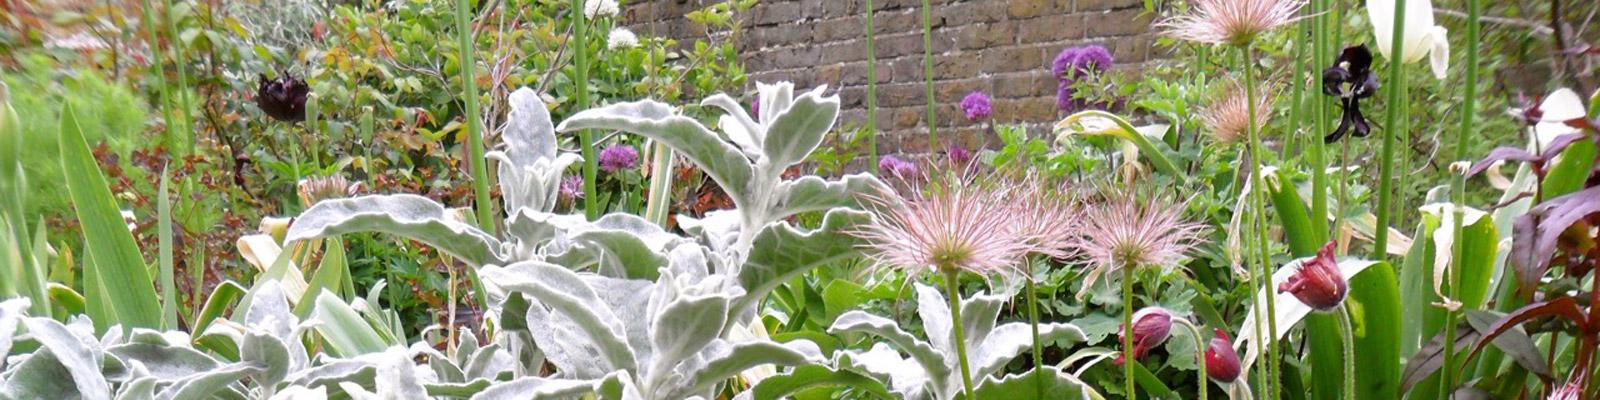 Posy Gentles Gardener